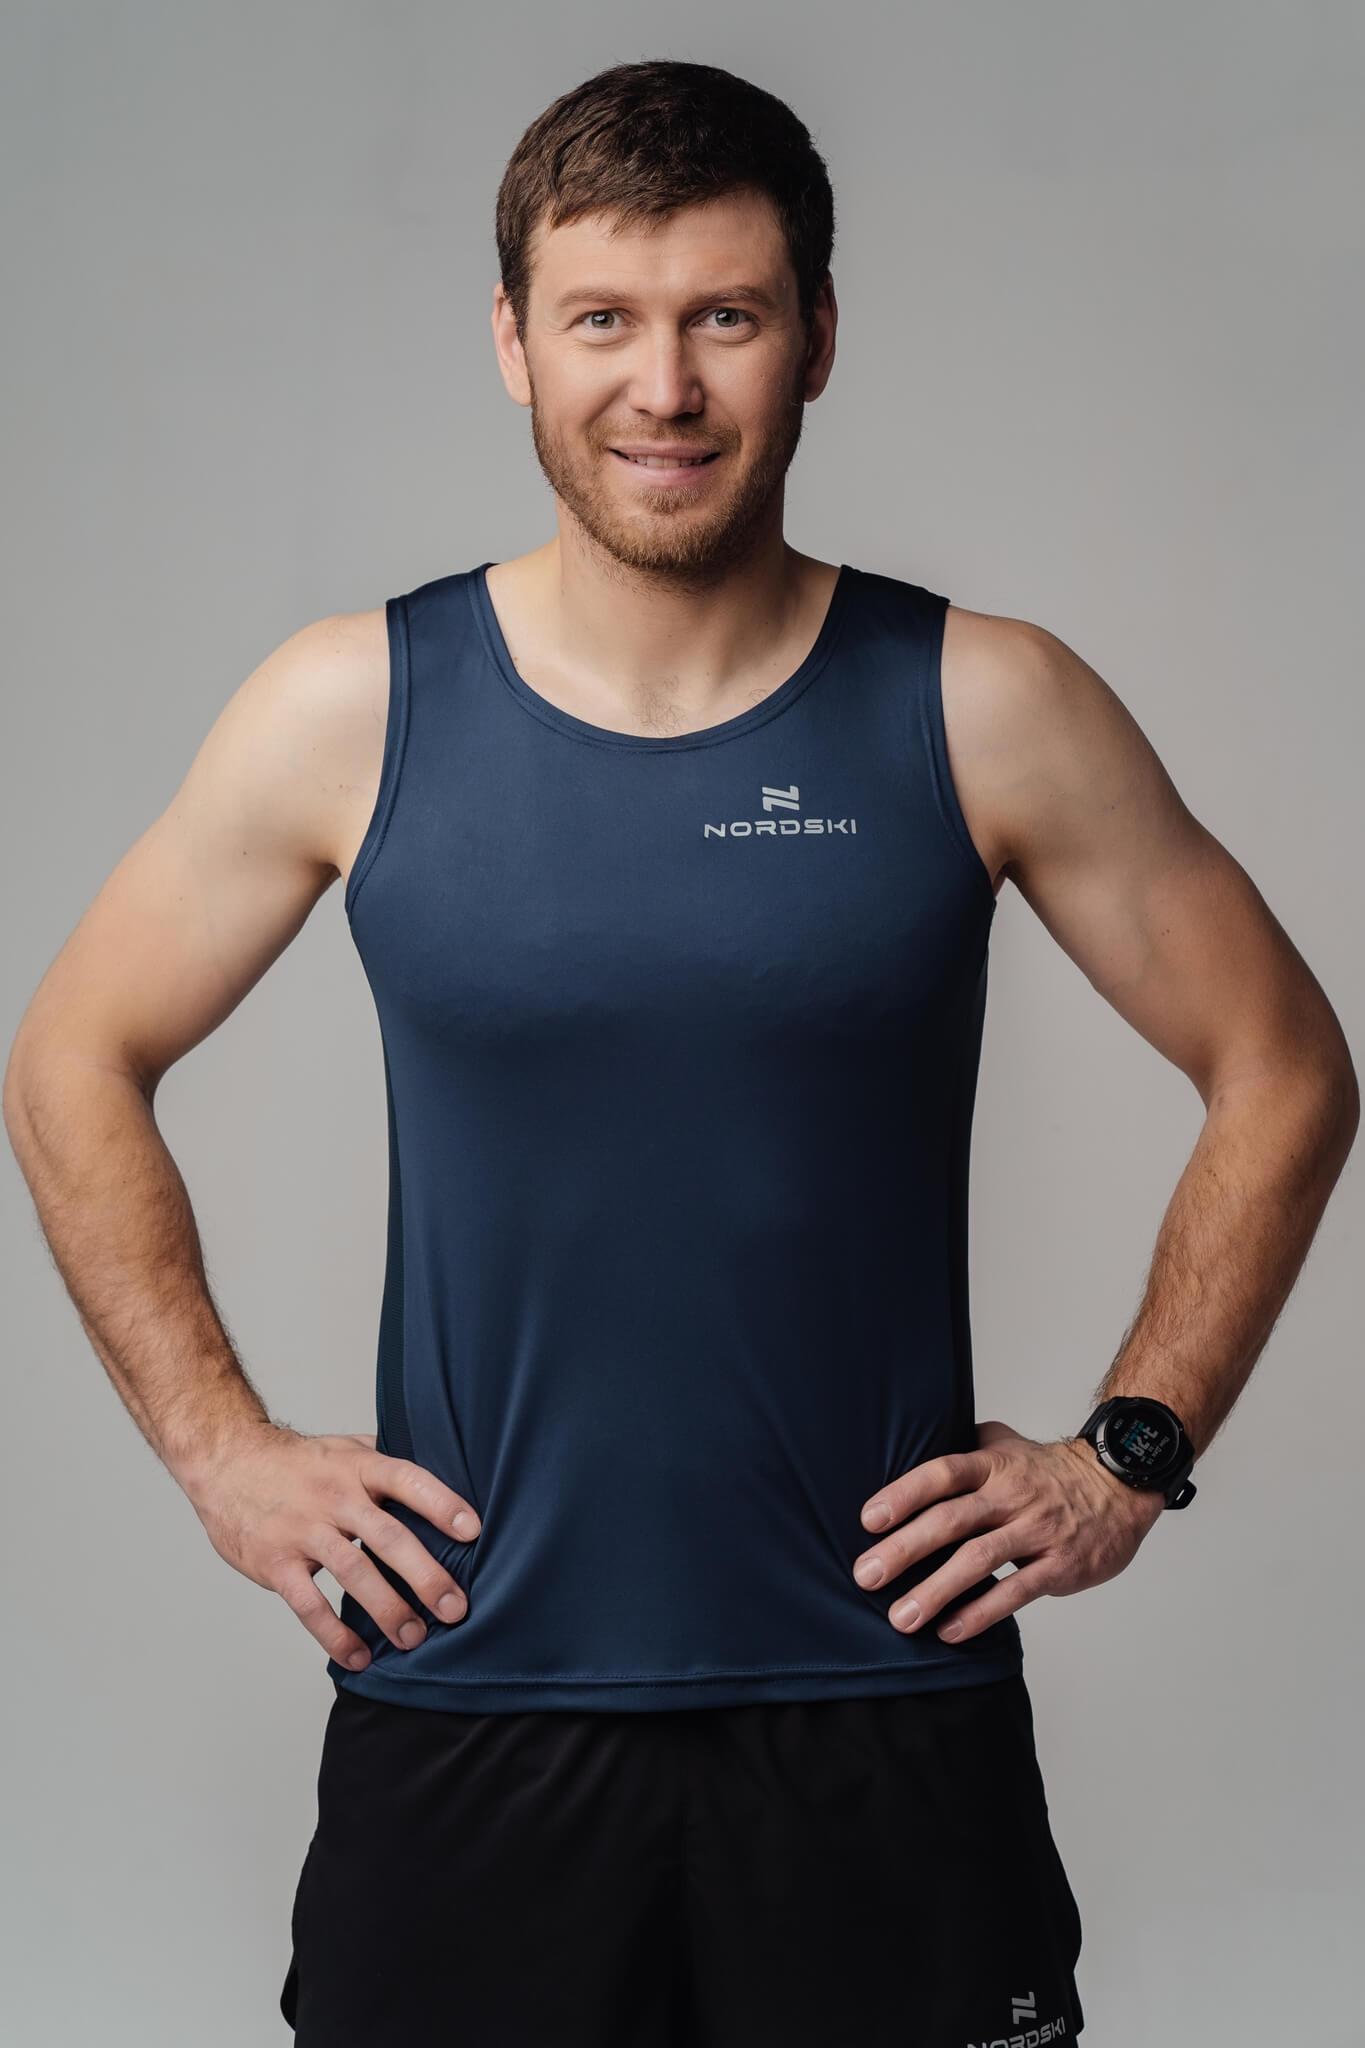 Nordski Run майка беговая мужская blueberry